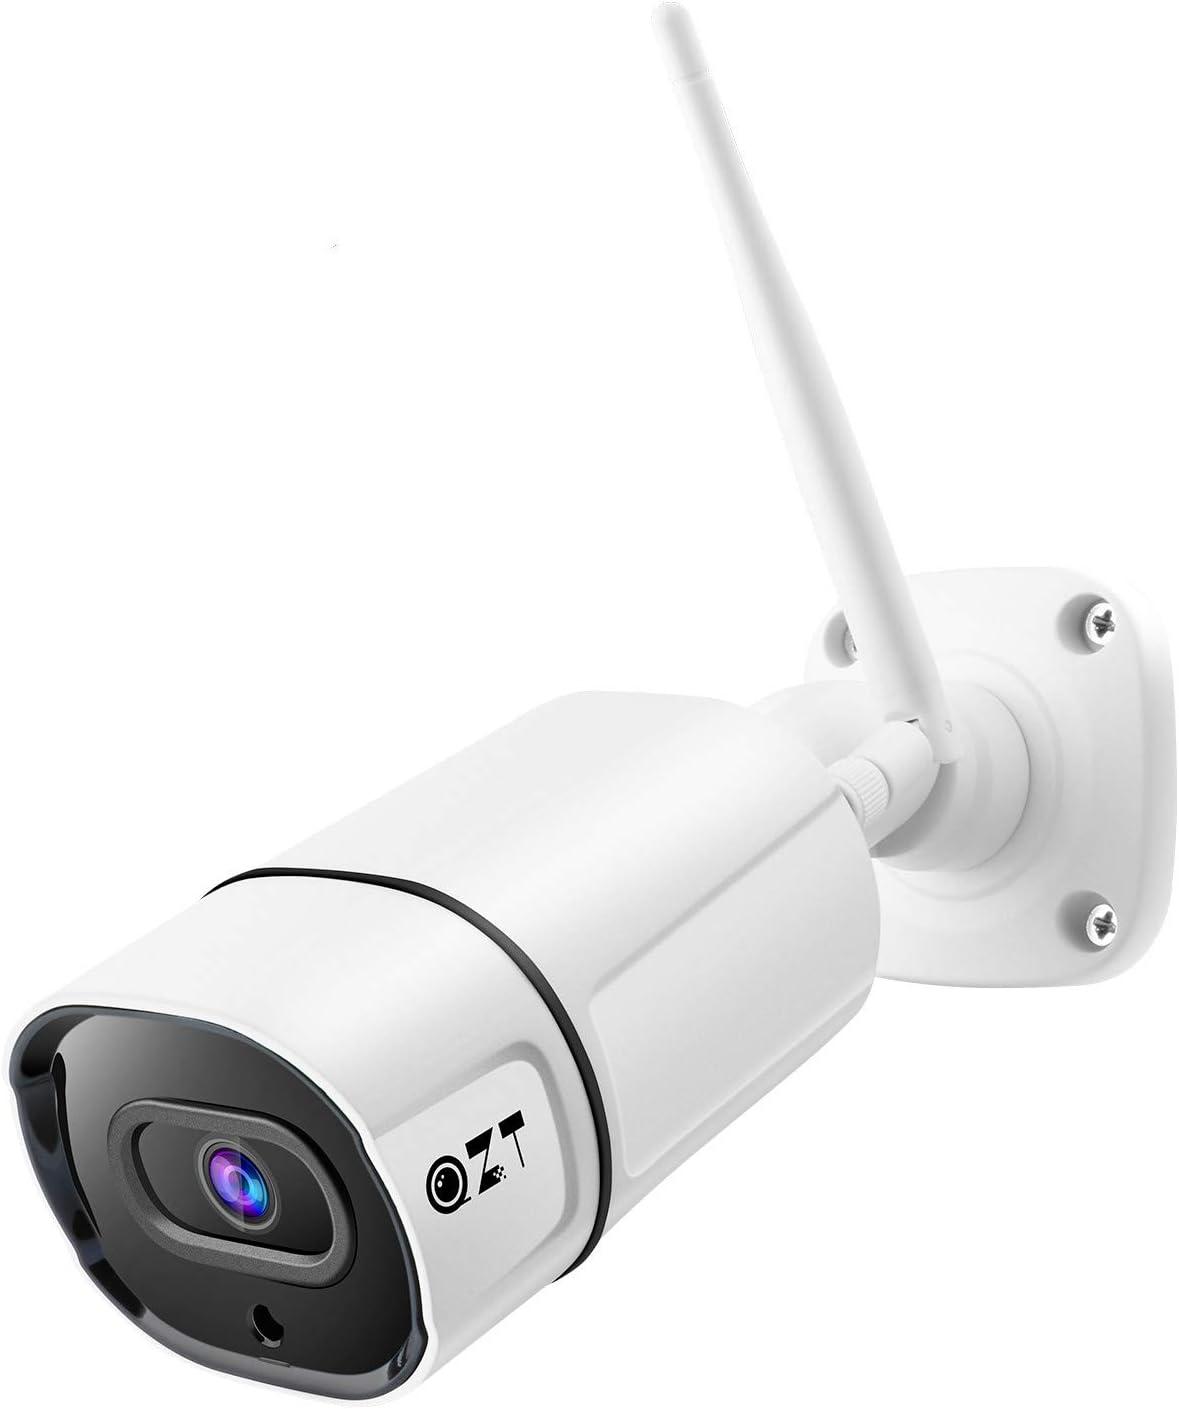 QZT - Cámara de vigilancia para 3 MP con visión nocturna, IP66, impermeable, detección de movimiento, audio bidireccional, alarma deterrante - iOS, Android